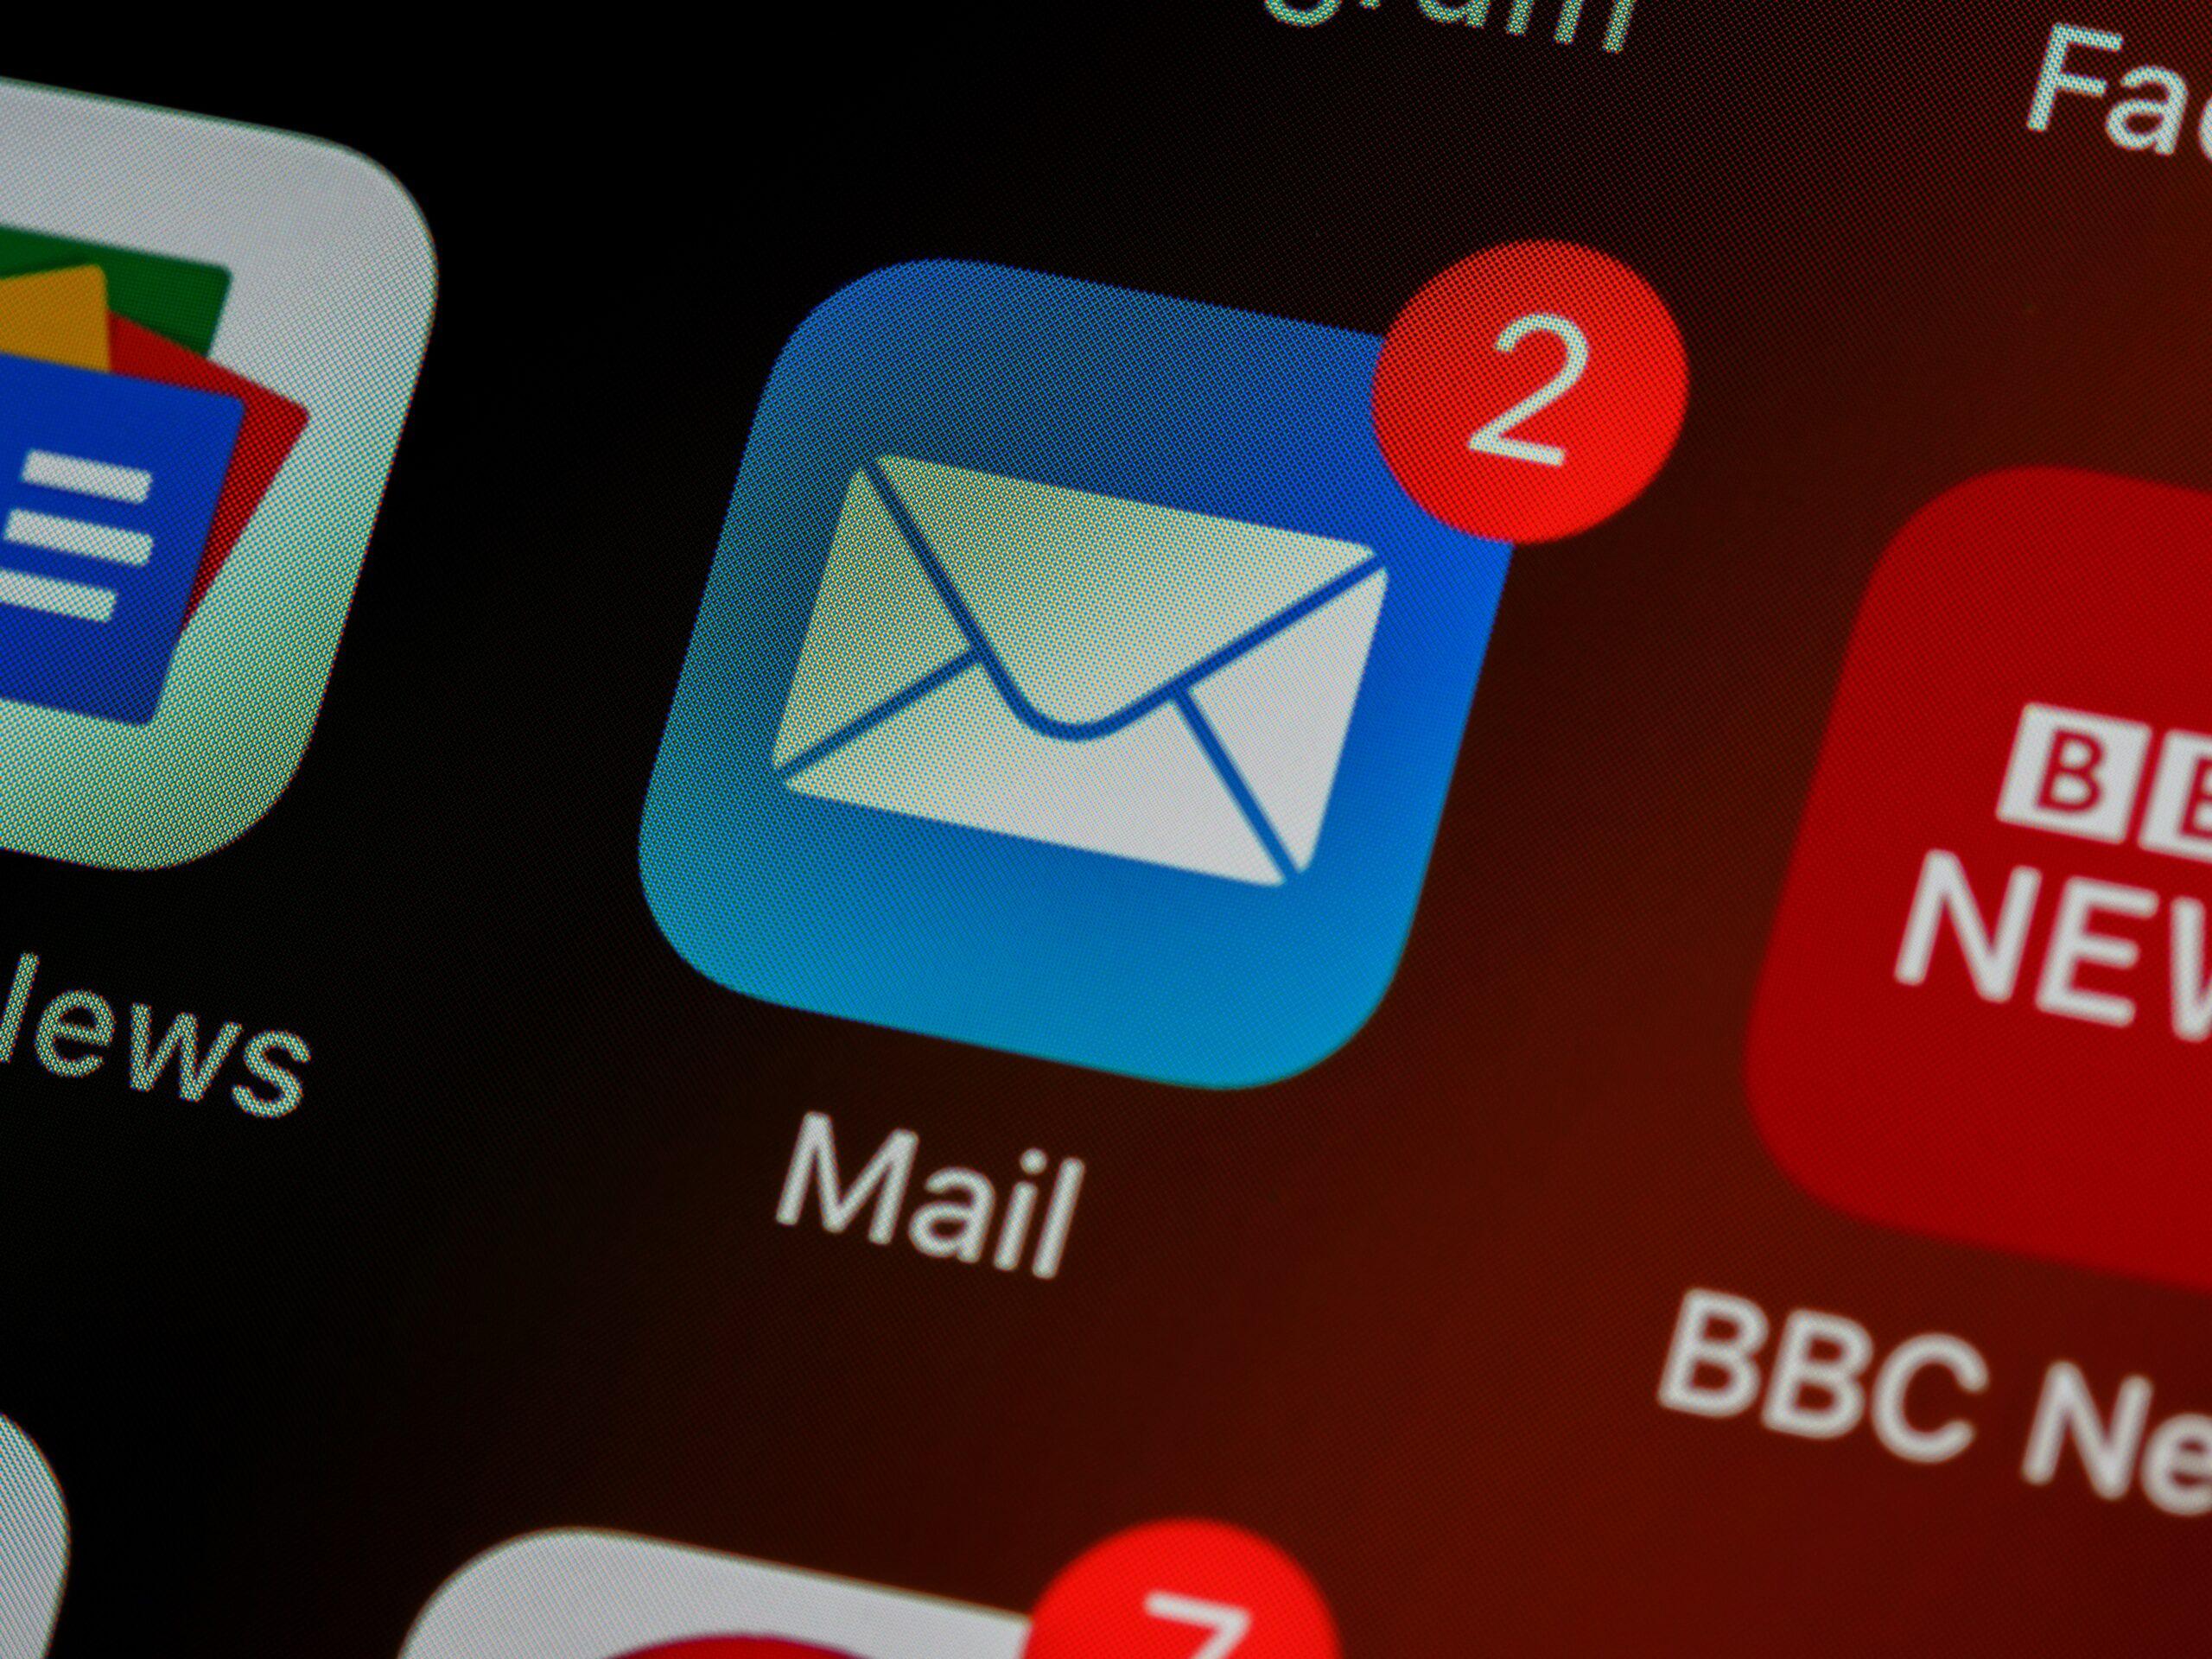 ¿Cómo escribir y tener una buena estructura de emails en inglés?